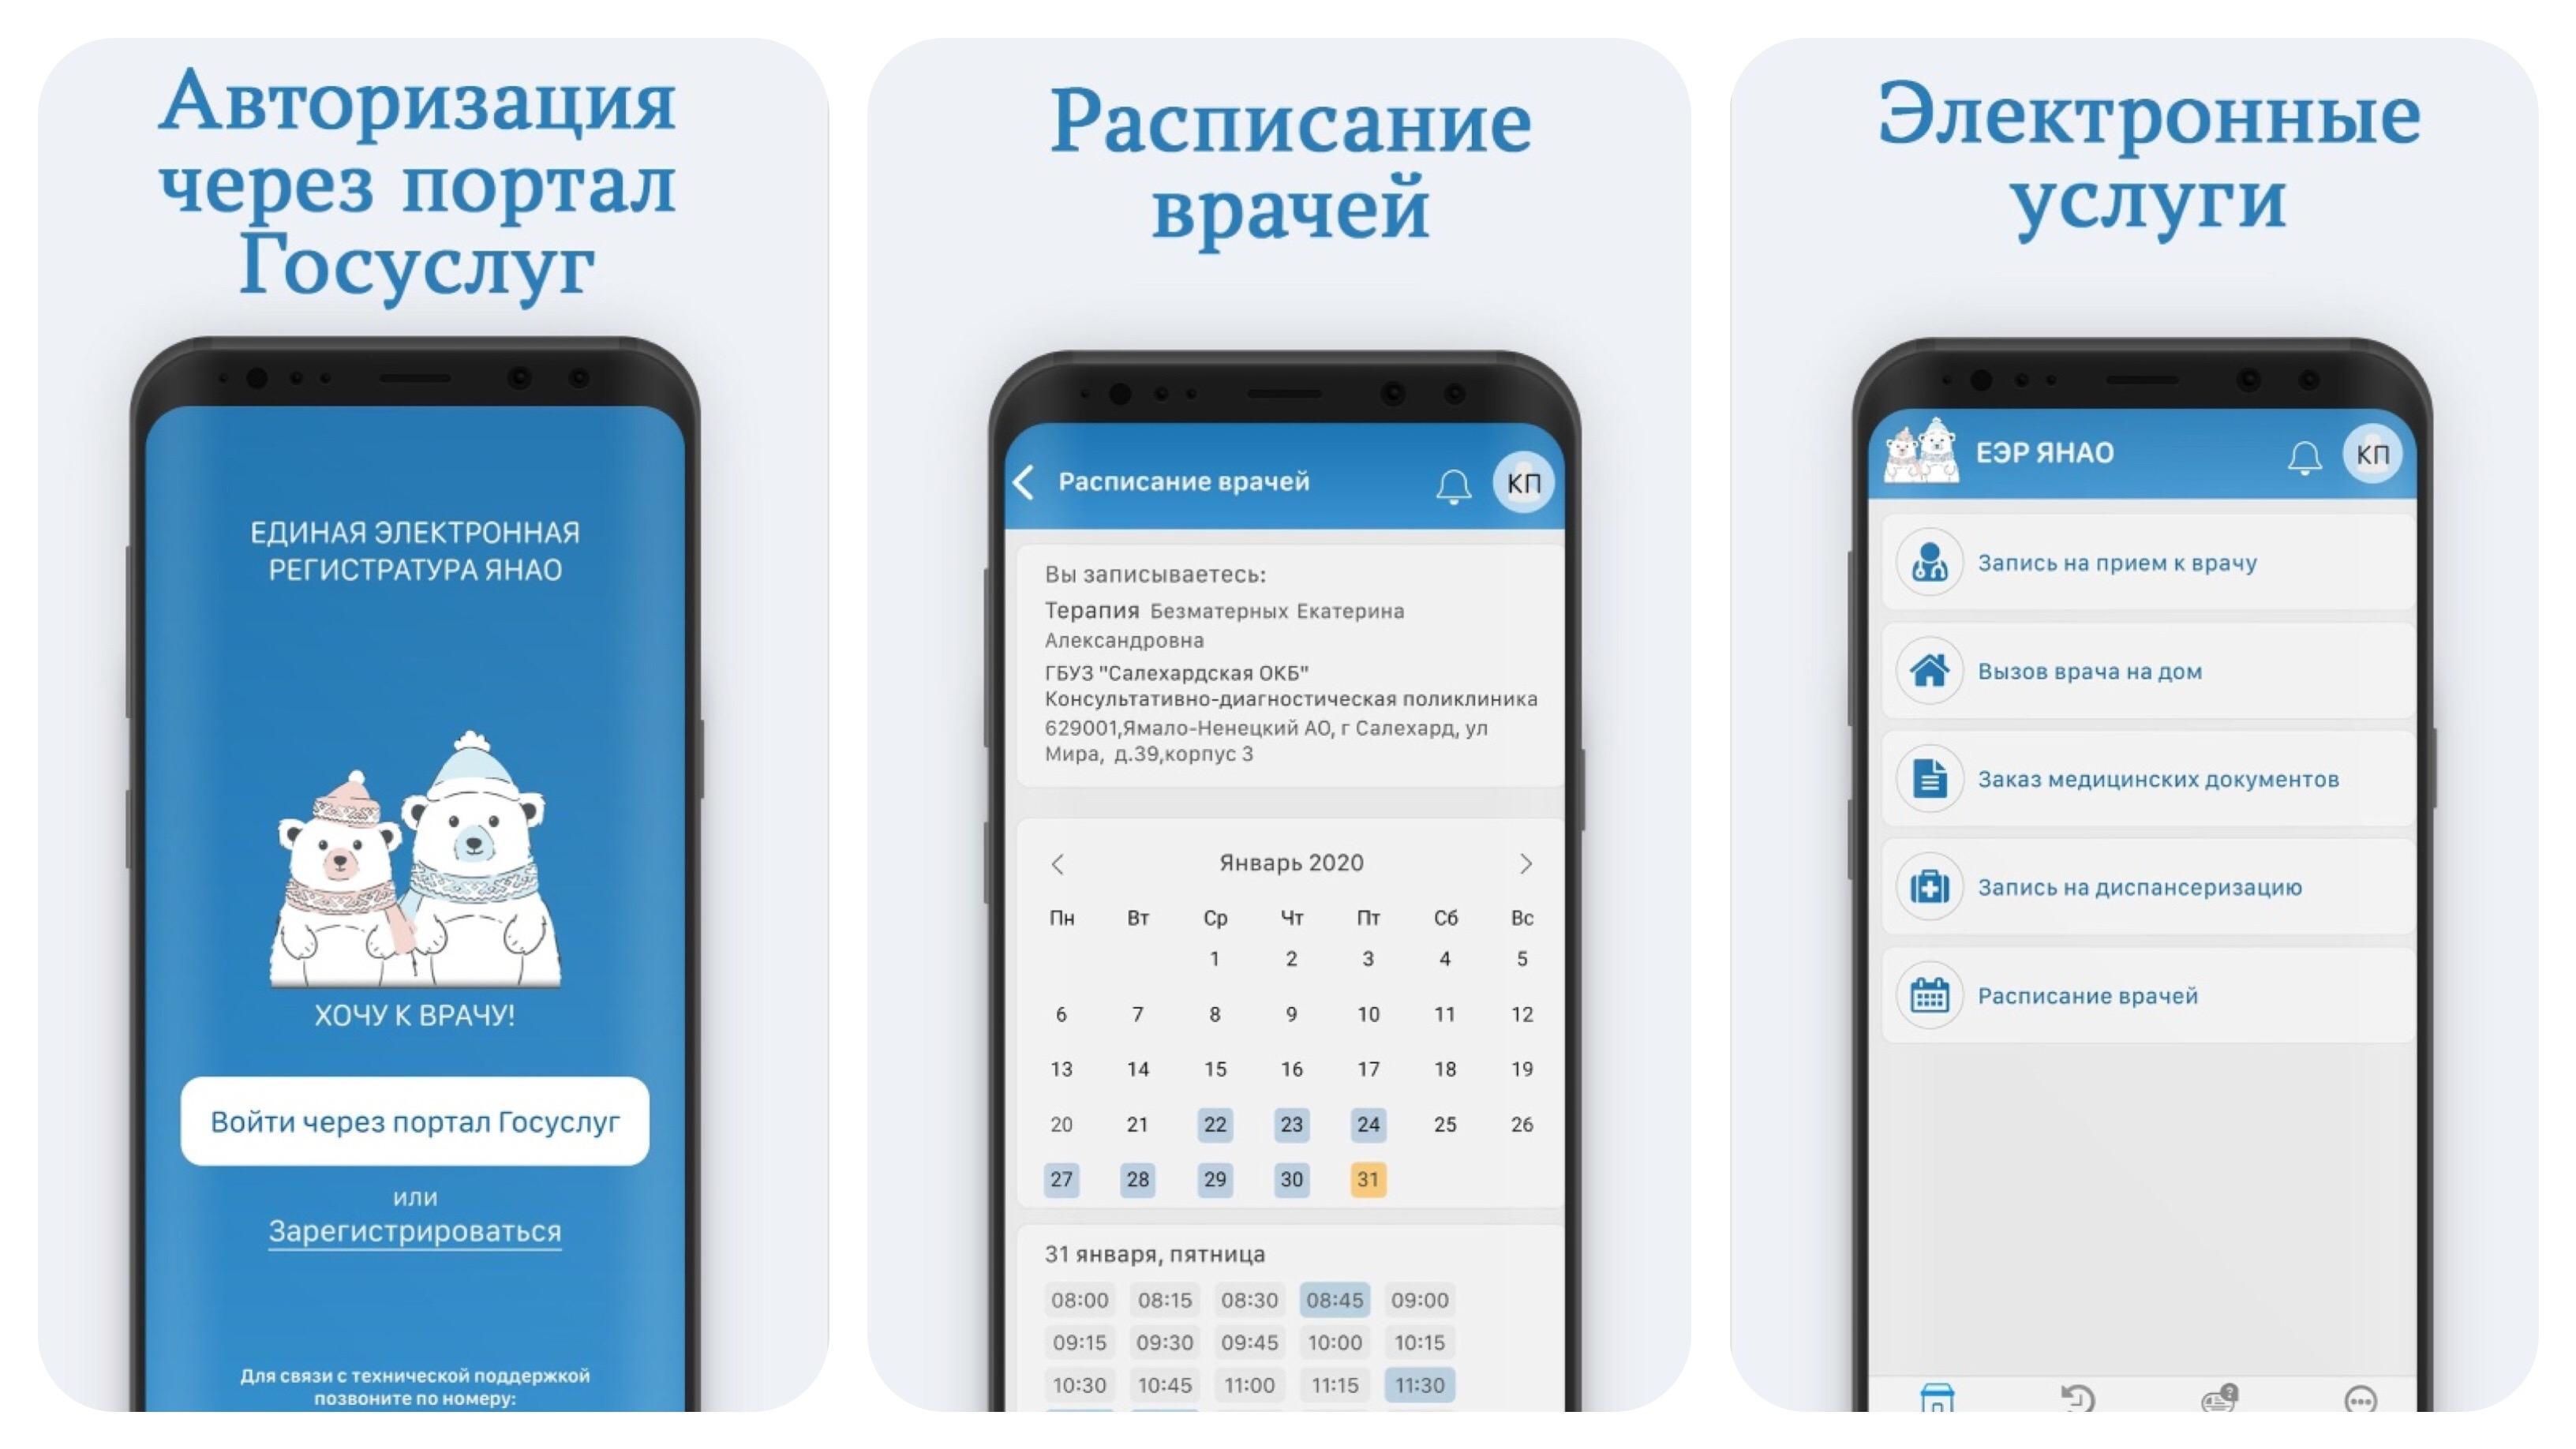 Ай-ФОРС разработал мобильное приложение «Мобильный пациент Ямала» для ГБУЗ «Медицинский информационно-аналитический центр Ямало-Ненецкого автономного округа»